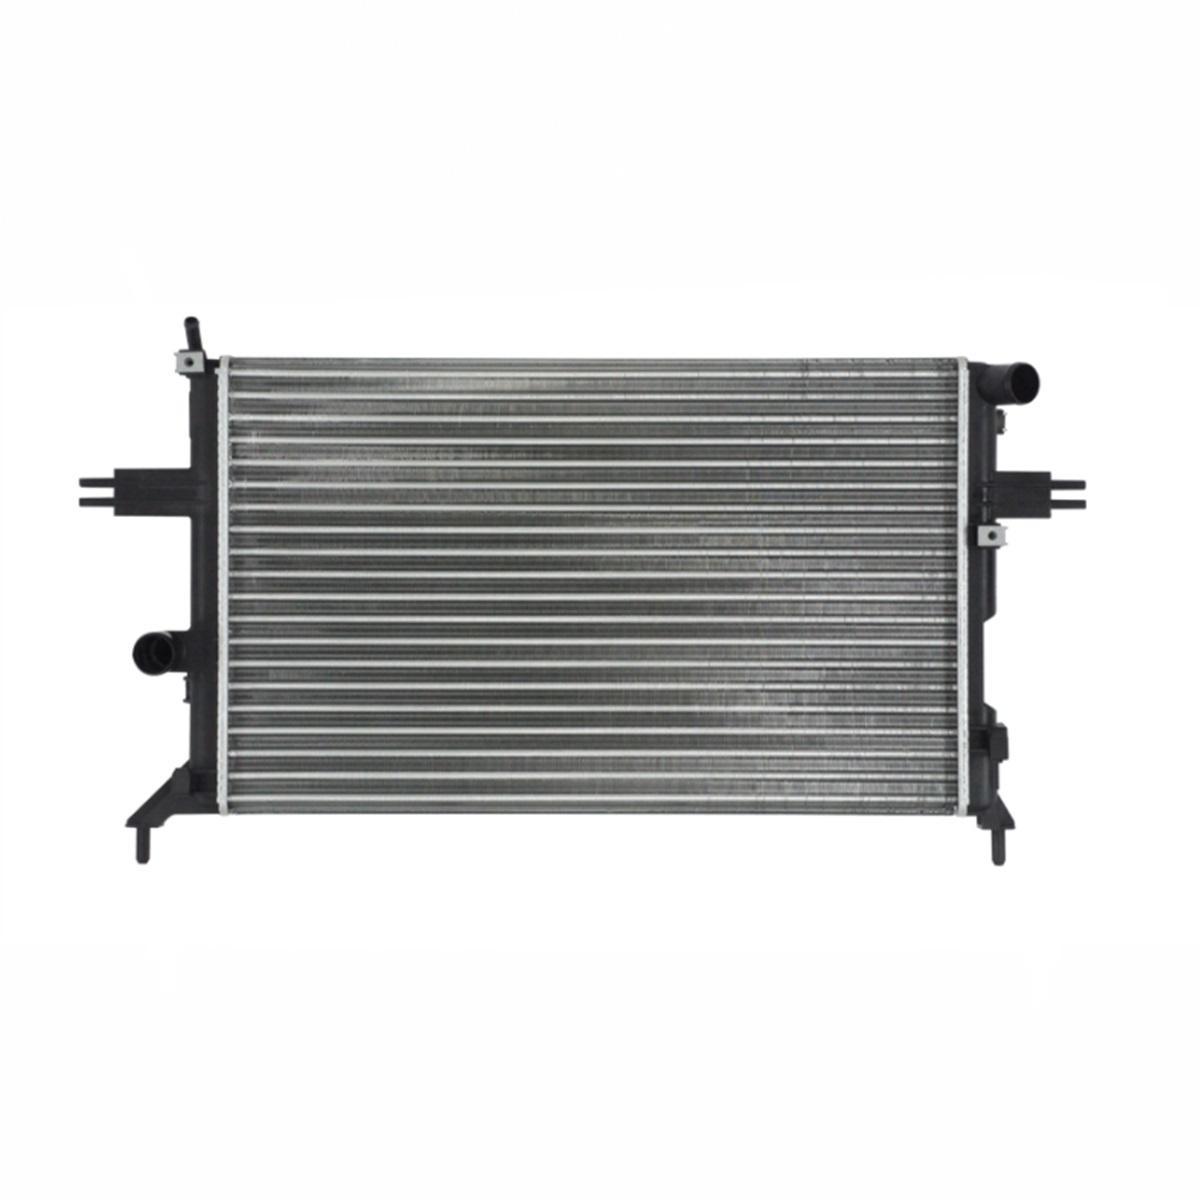 Radiador Chevrolet Astra 1.8 2.0 Vectra 2.0 2.4 Zafira 2.0 8v 16v Com/Sem Ar 1999 a 2009